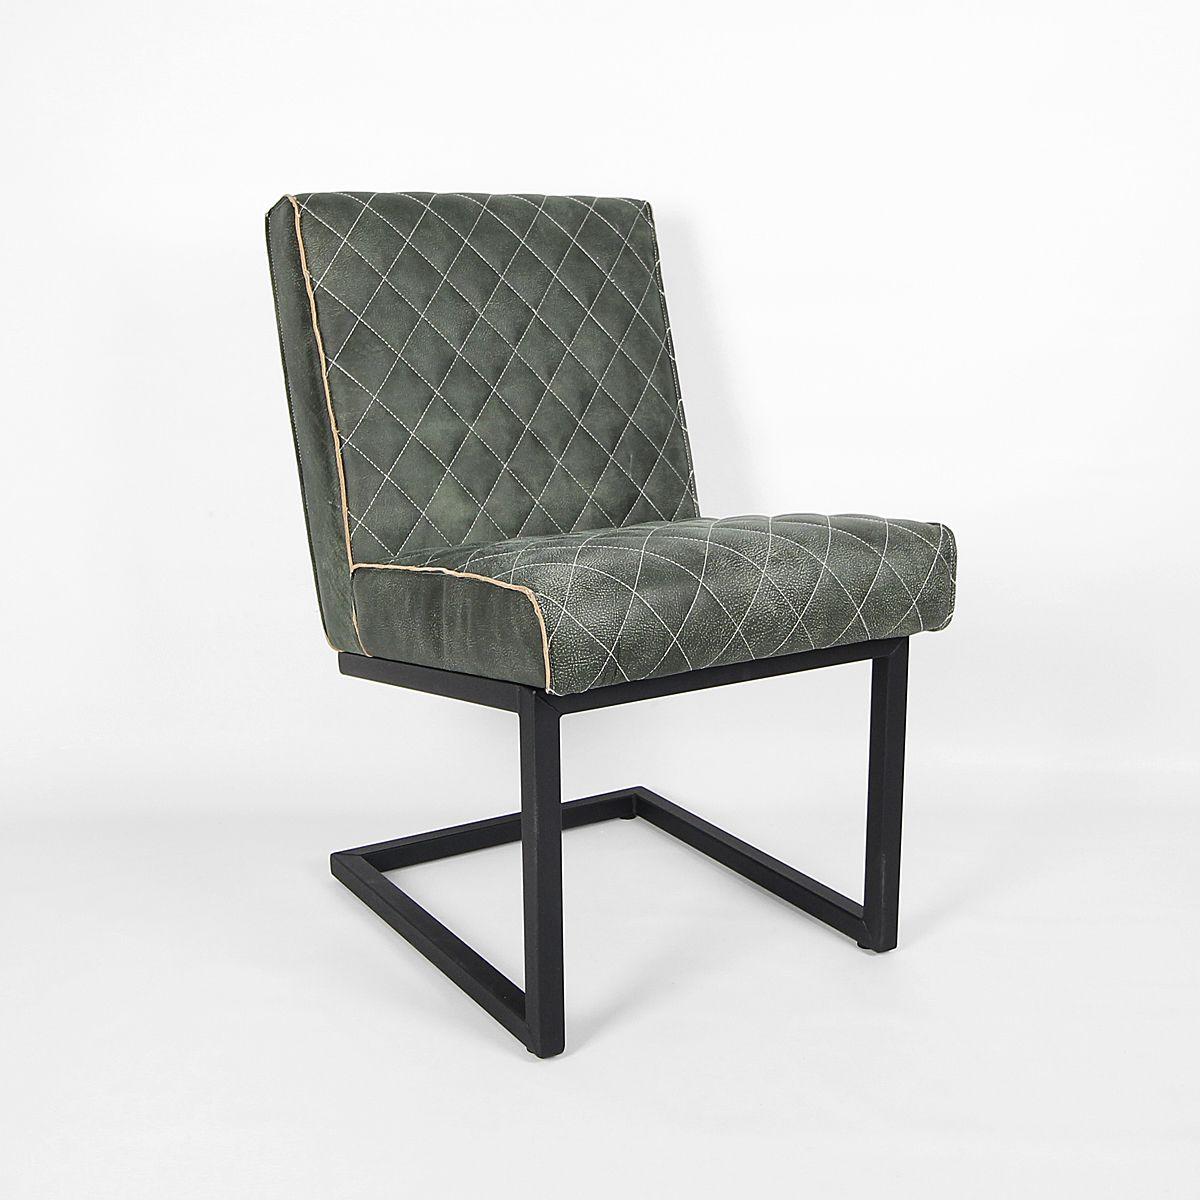 Slede stoel Daisy